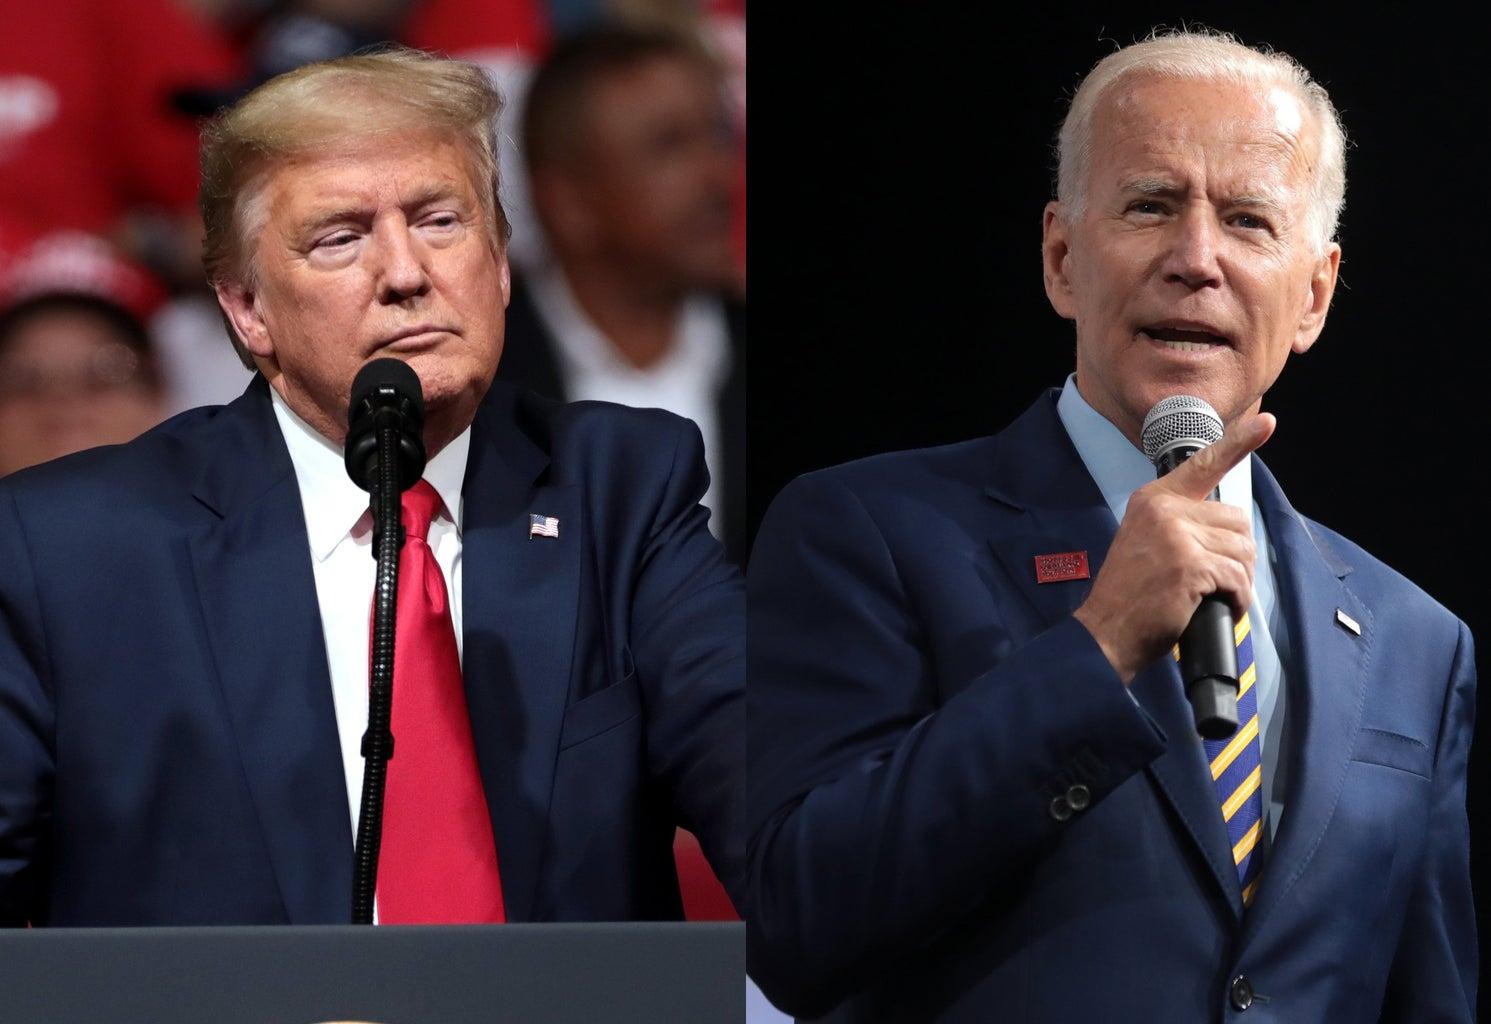 donald trump + joe biden presidential race